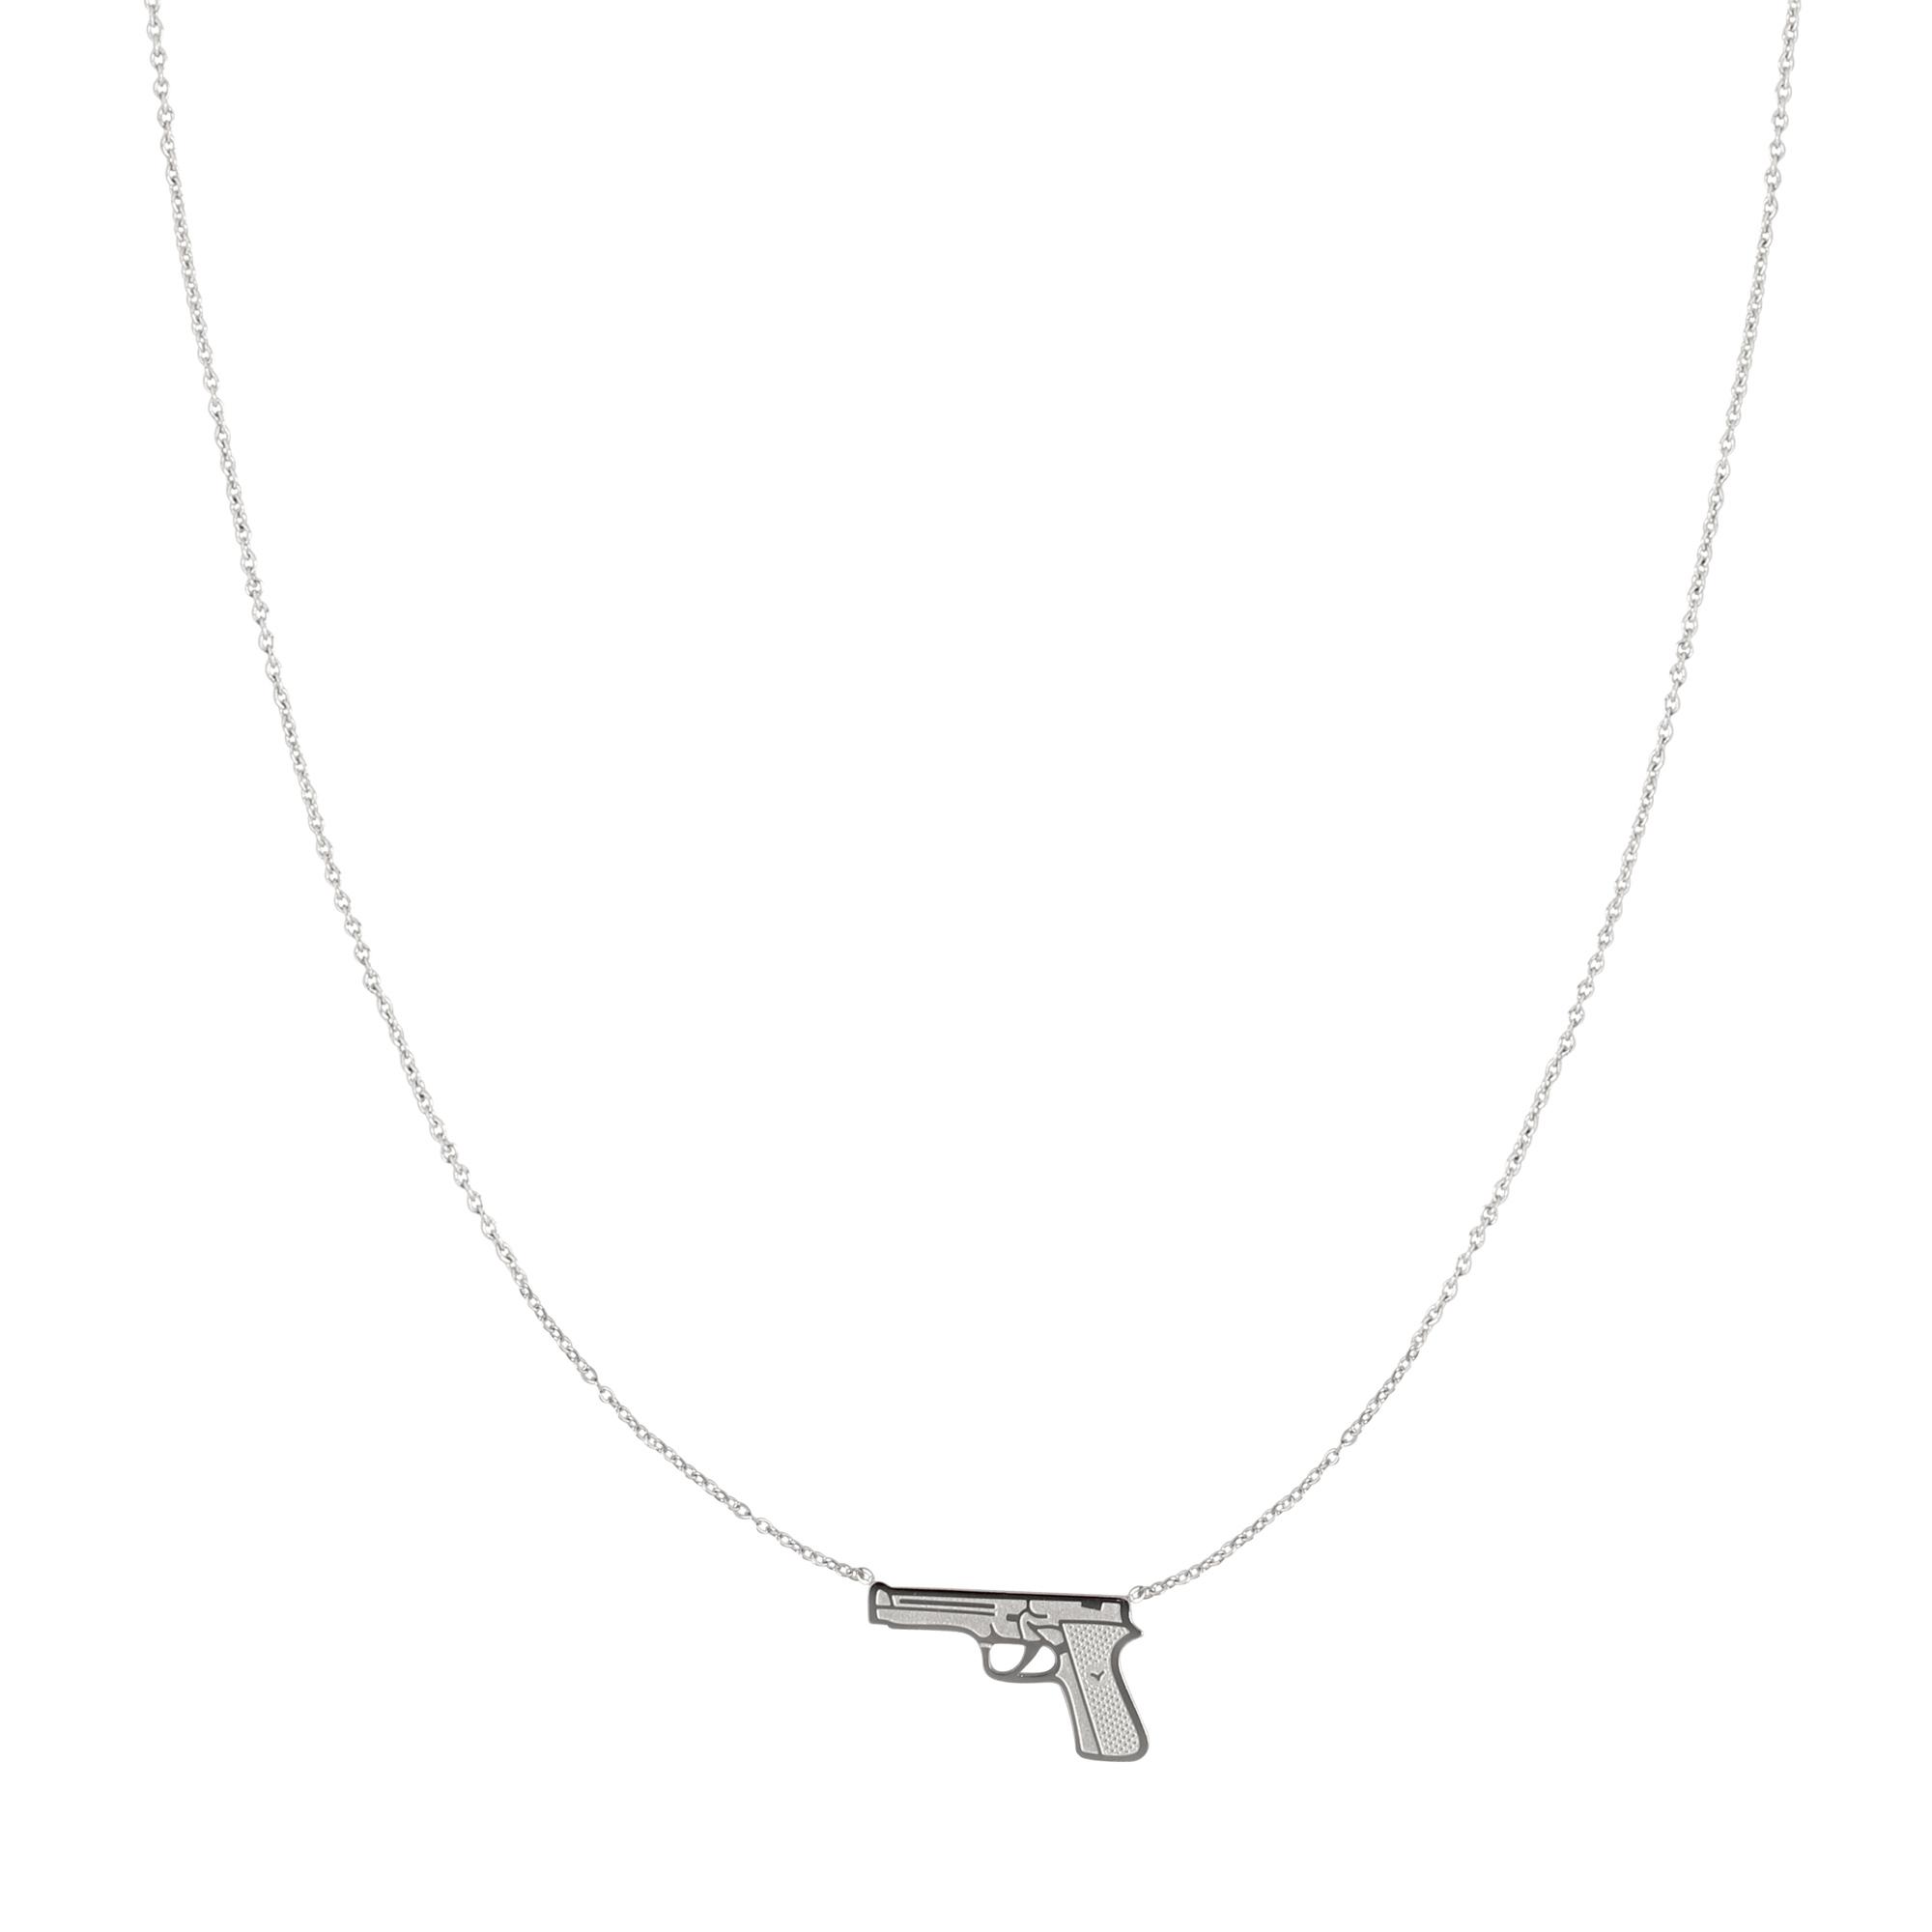 RVS Ketting Gun zilver zilveren dames kettingen pistool bedel sieraden necklages kopen bestellen yehwang